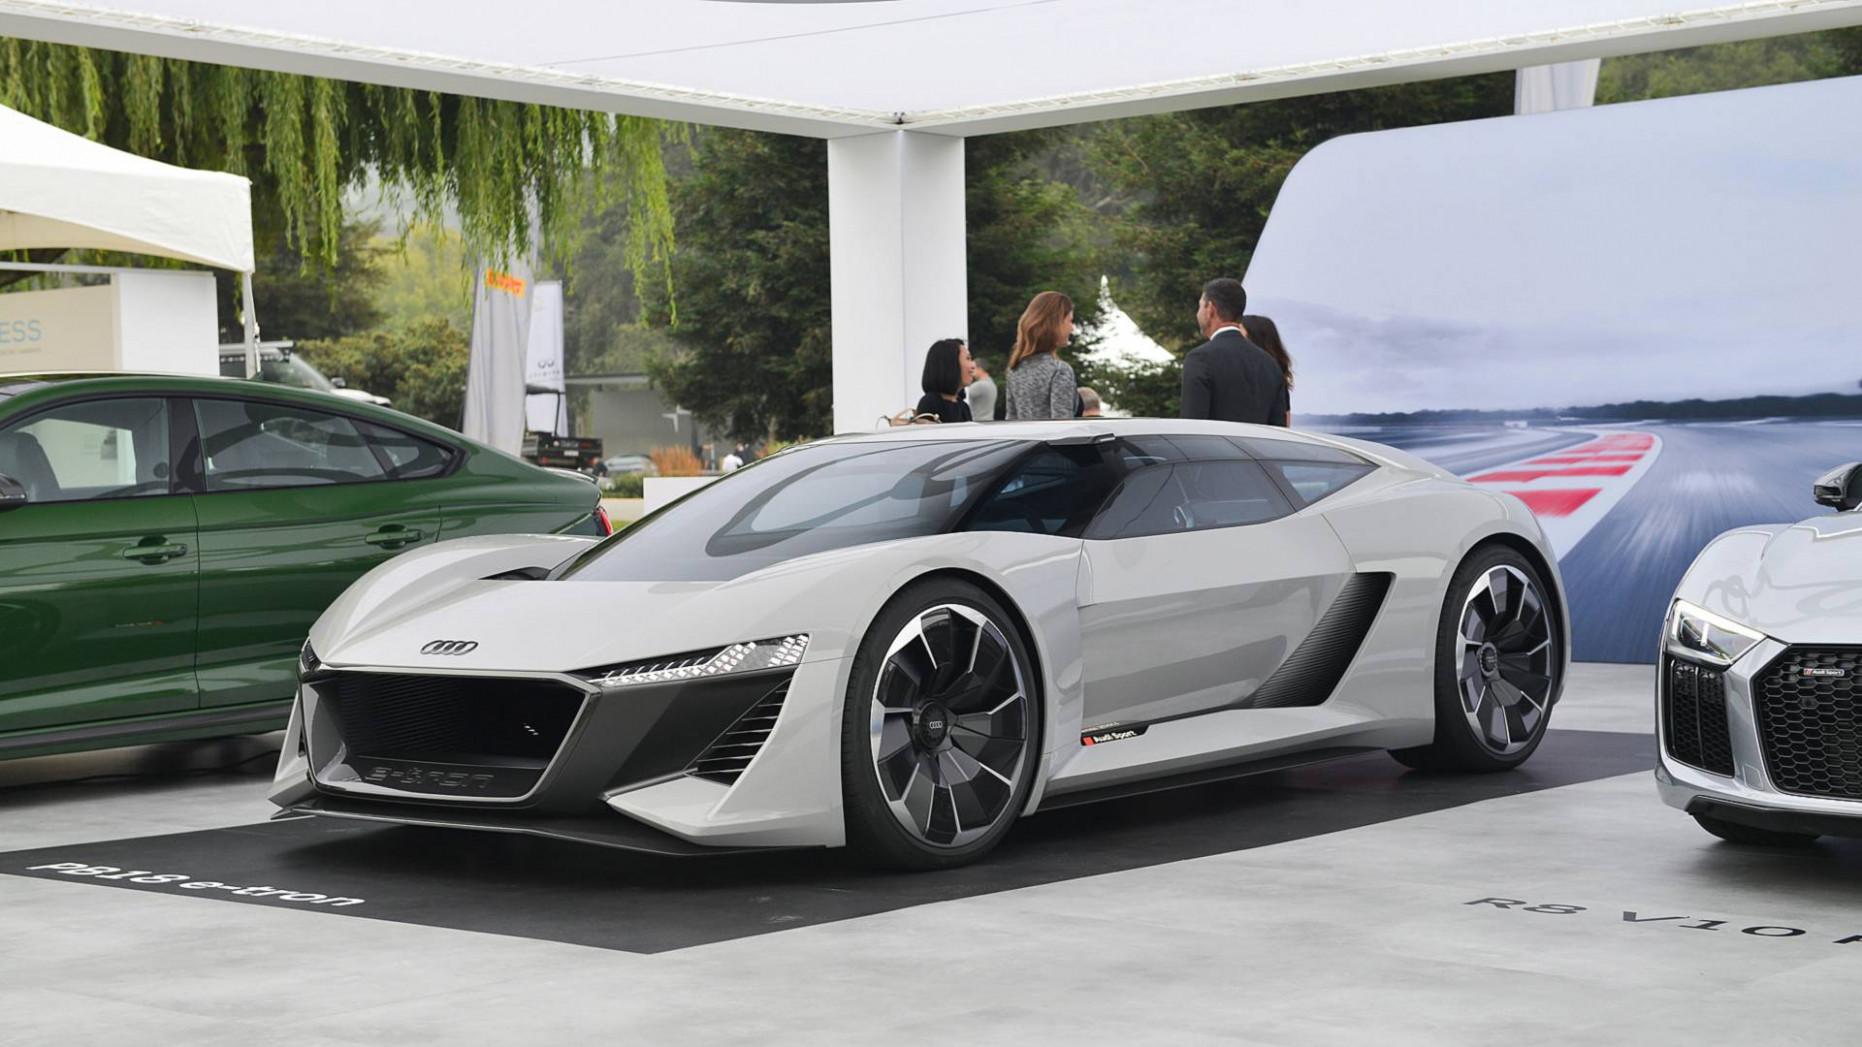 Prices 2022 Audi R8 E Tron